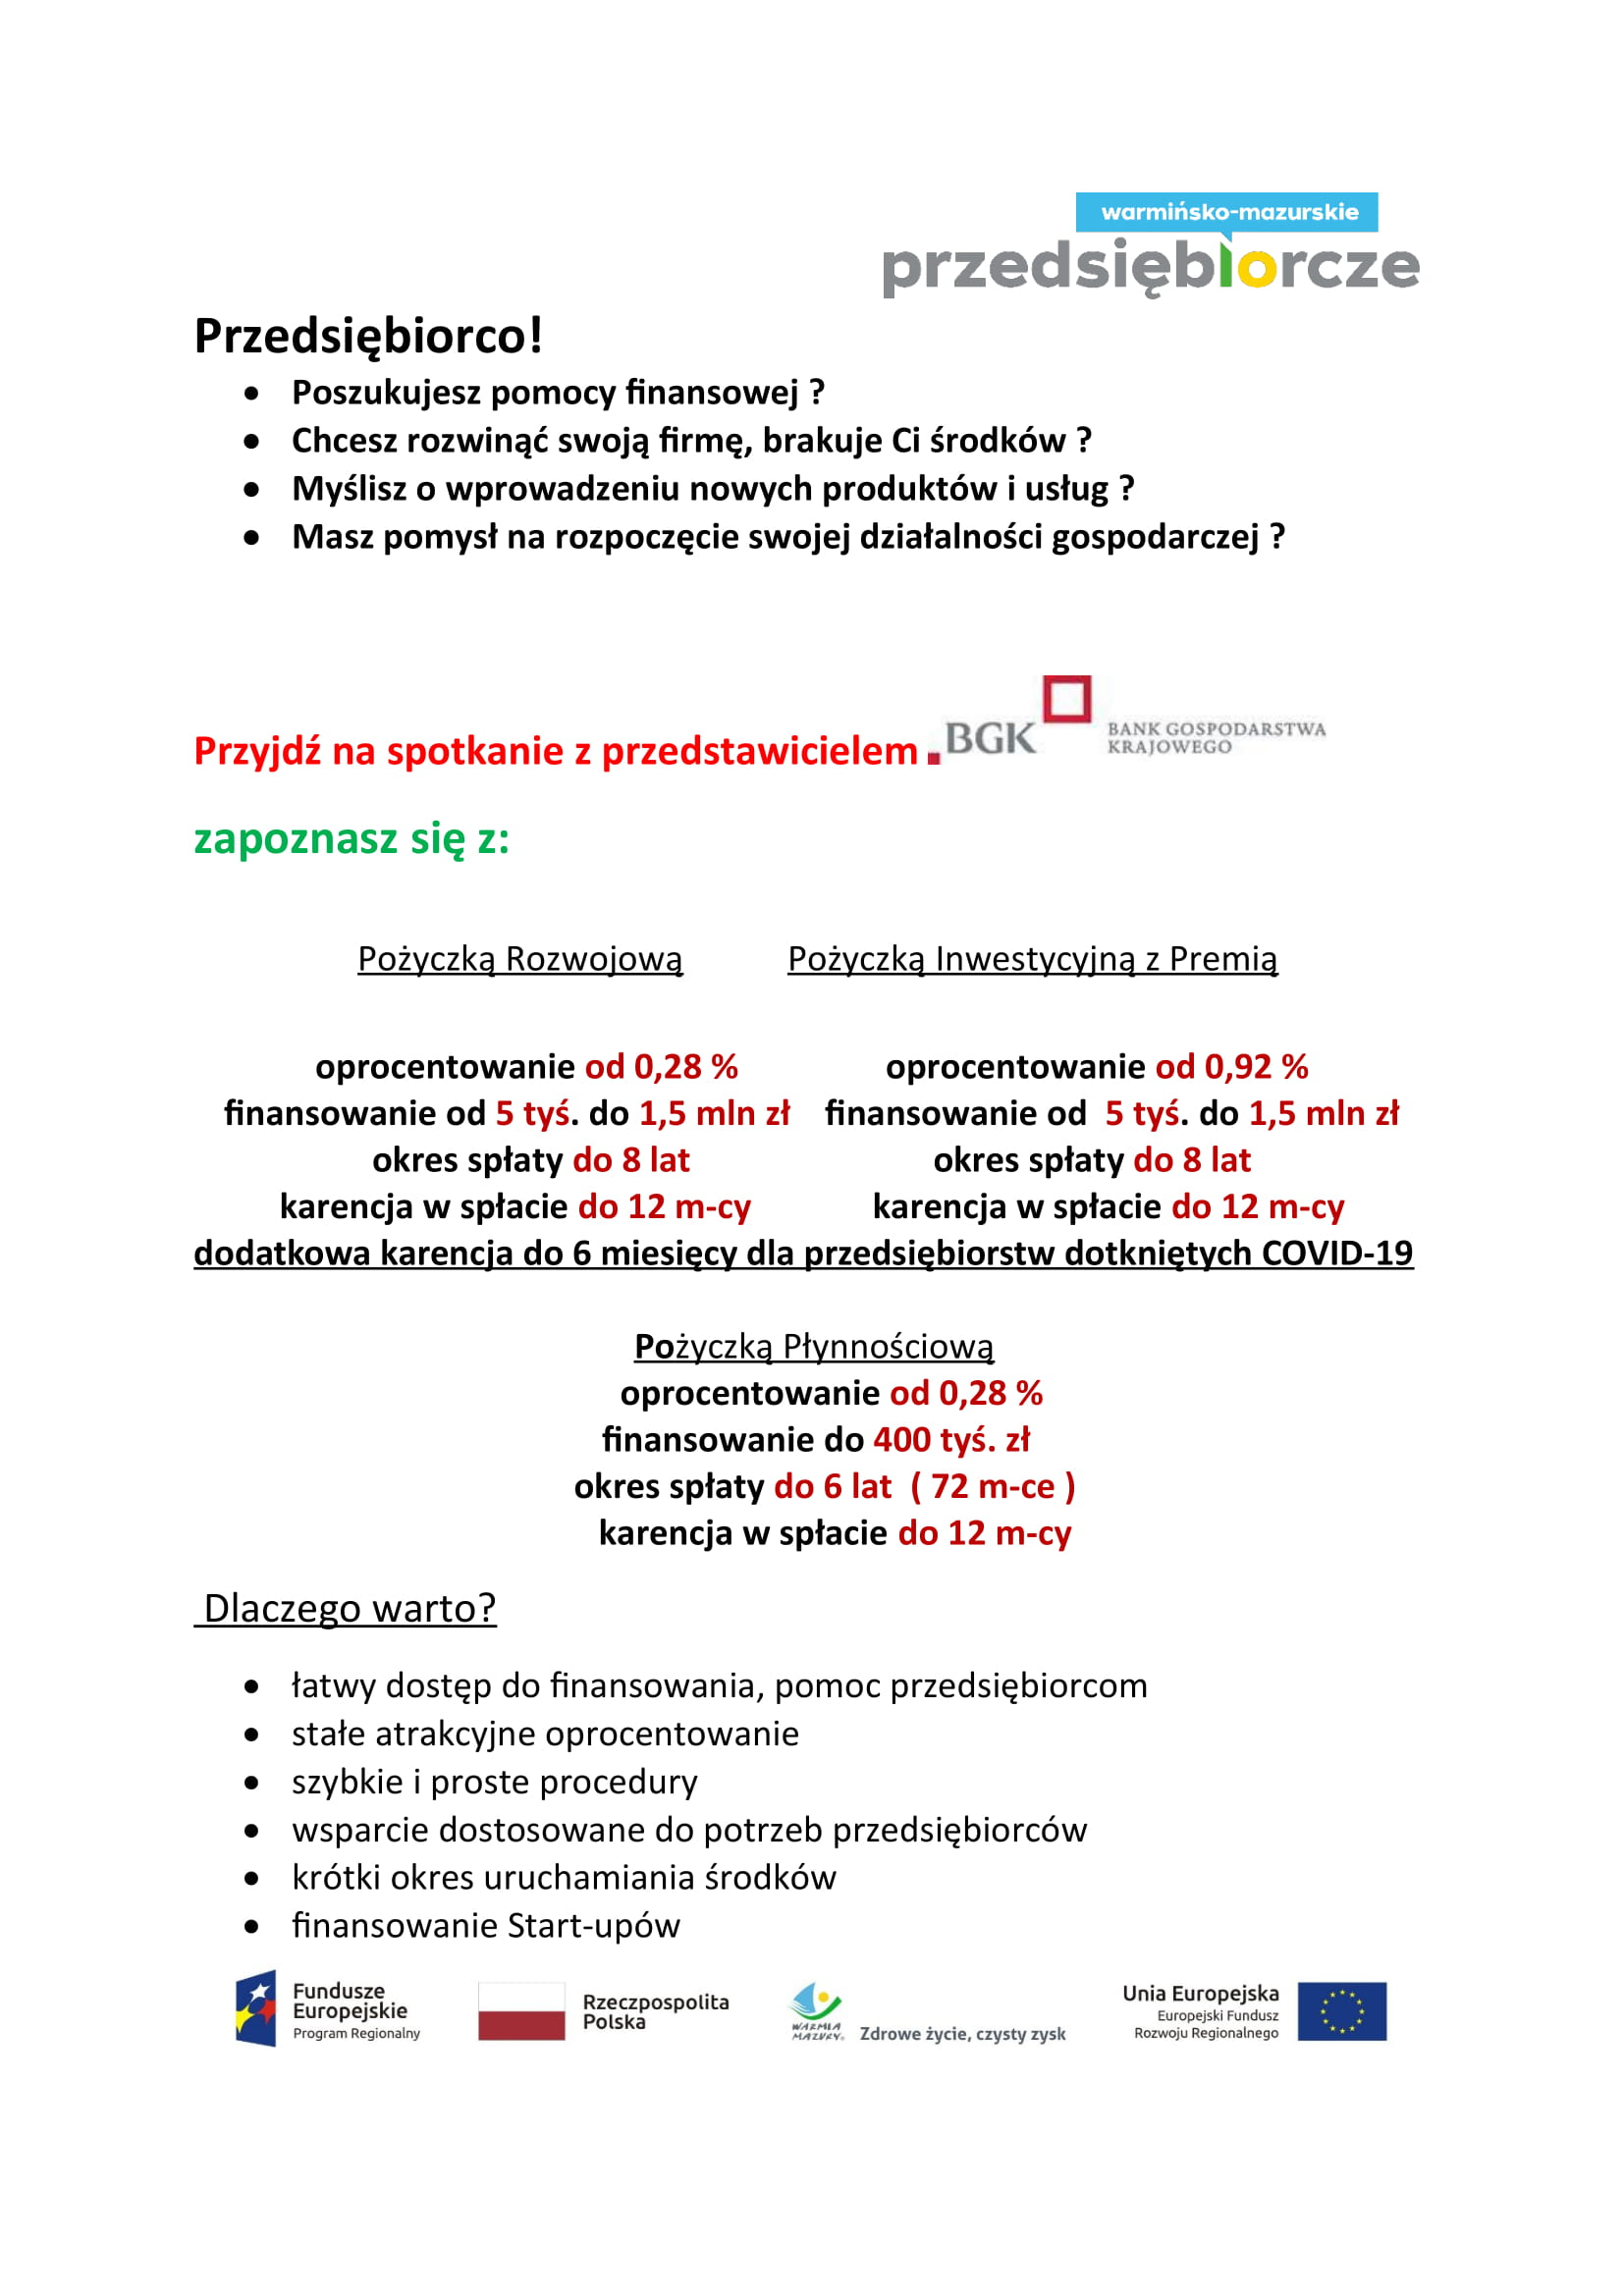 https://m.powiatszczycienski.pl/2020/07/orig/pozyczki-dla-msp-woj-warminsko-mazurskie-2-1-33304.jpg